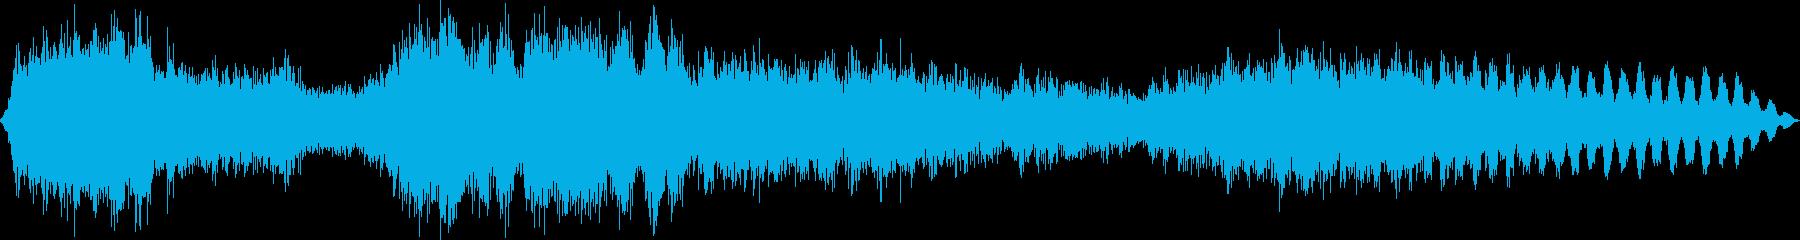 ダーク・サウンドスケイプ 09 闇の雨の再生済みの波形